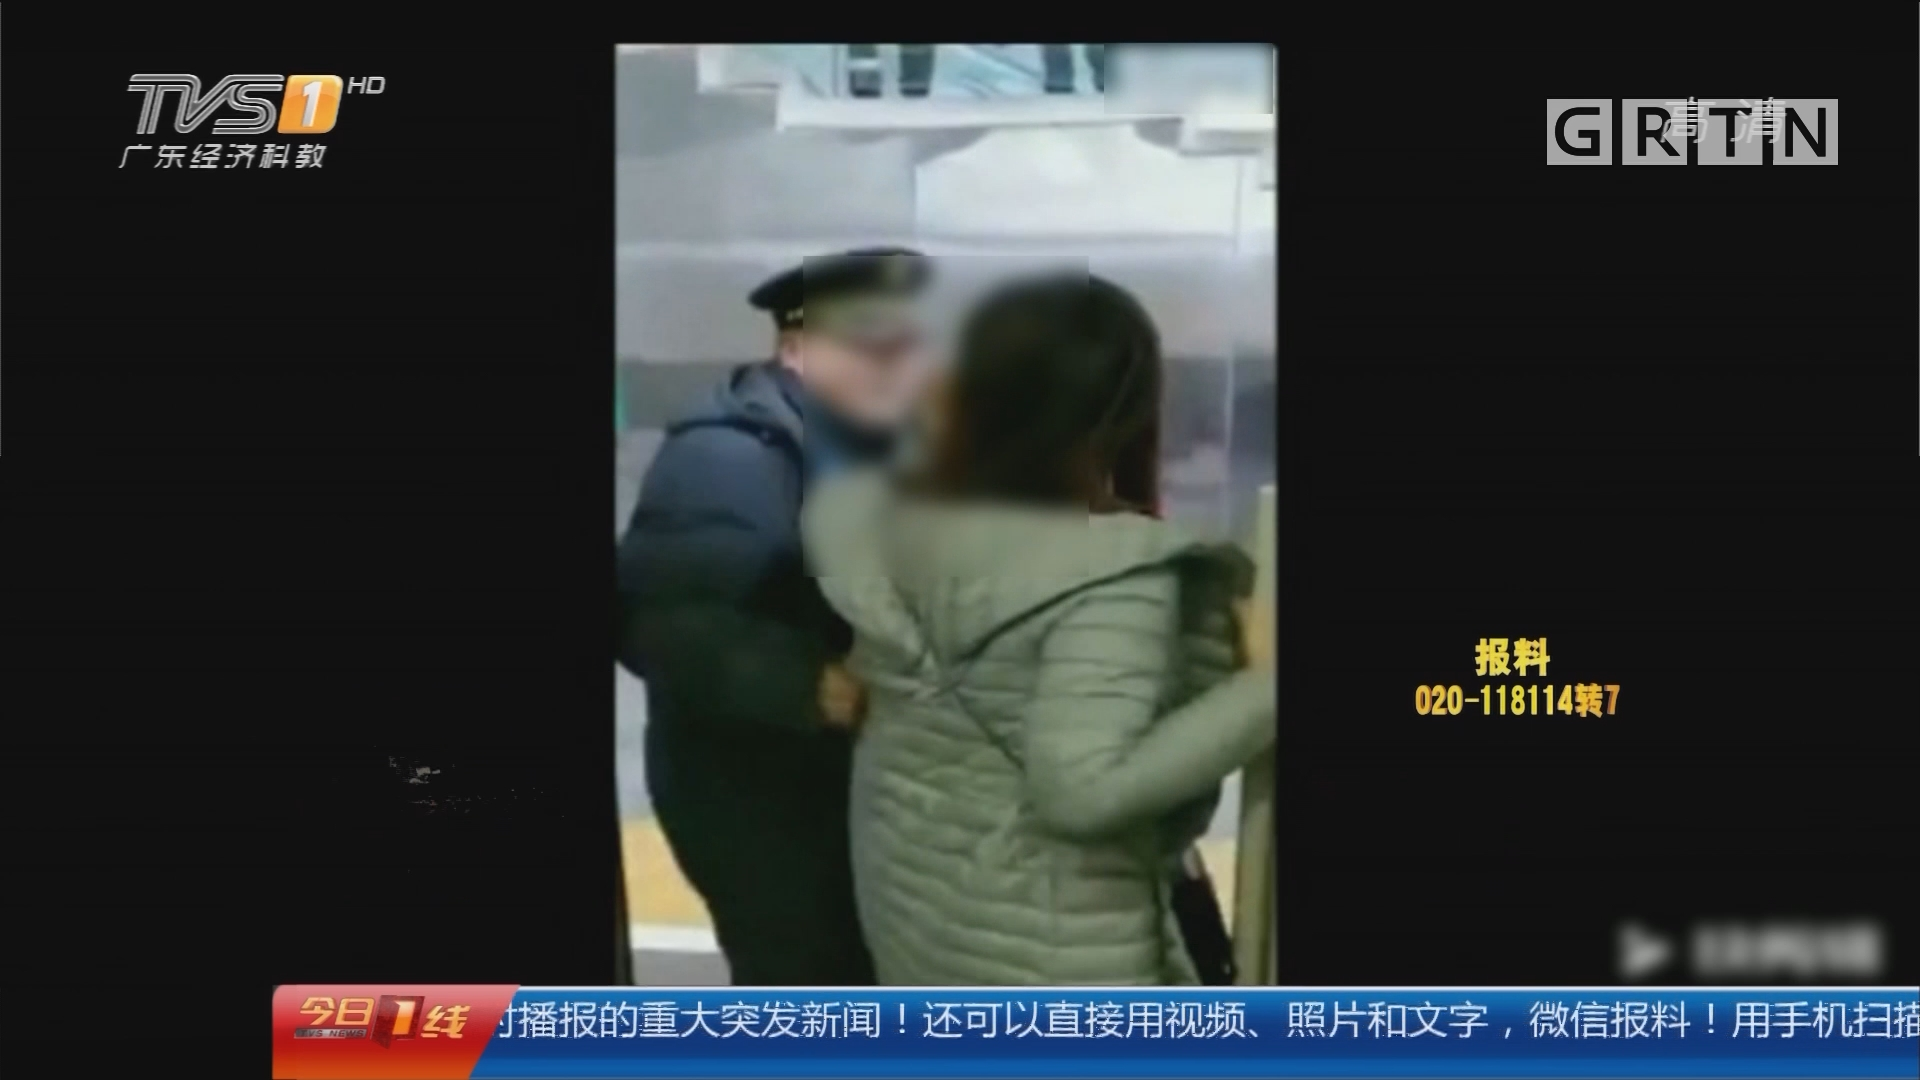 安徽 撒泼阻高铁发车:我老公还没来!